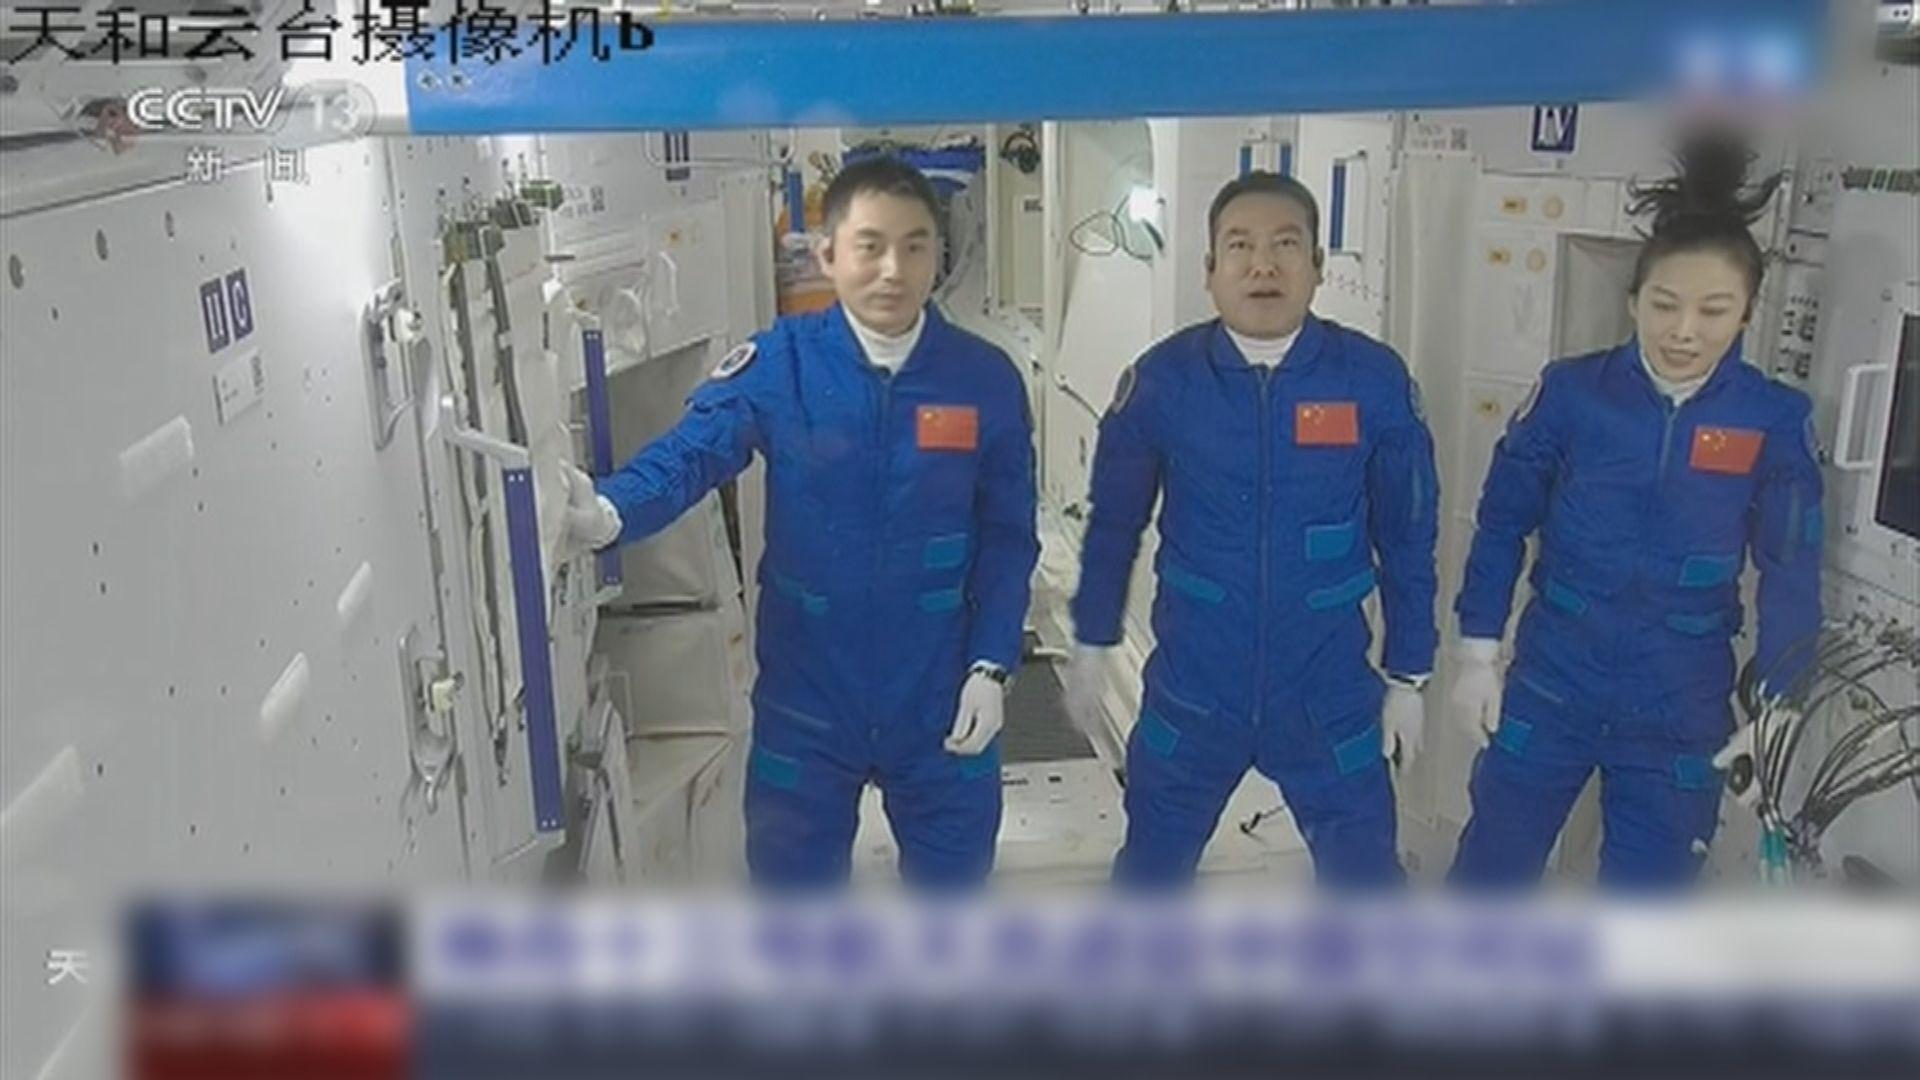 神舟十三號順利升空 三位太空人進駐天和核心艙